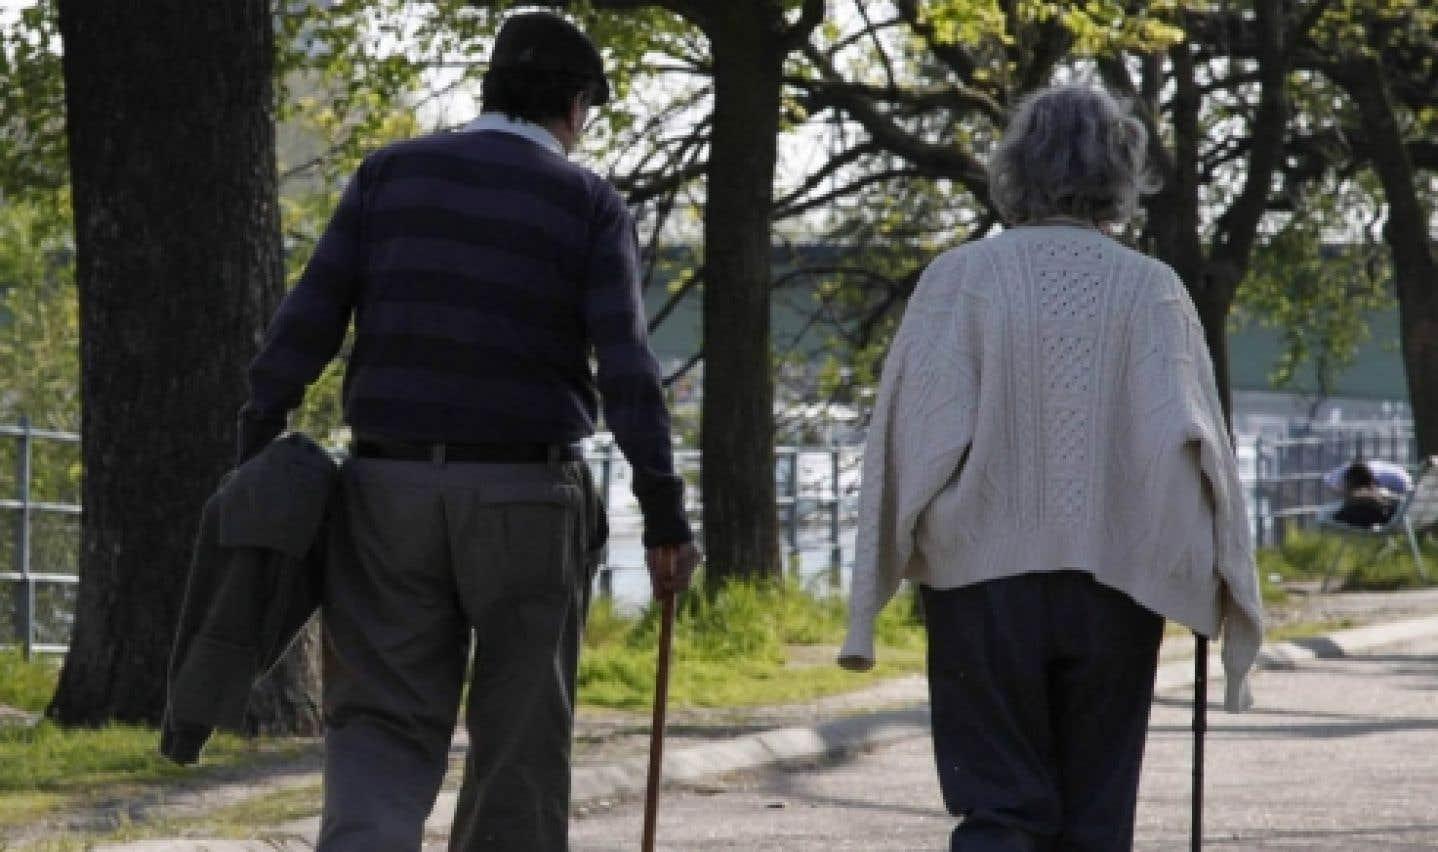 Le vieillissement masculin et féminin fait l'objet de plus en plus d'études.